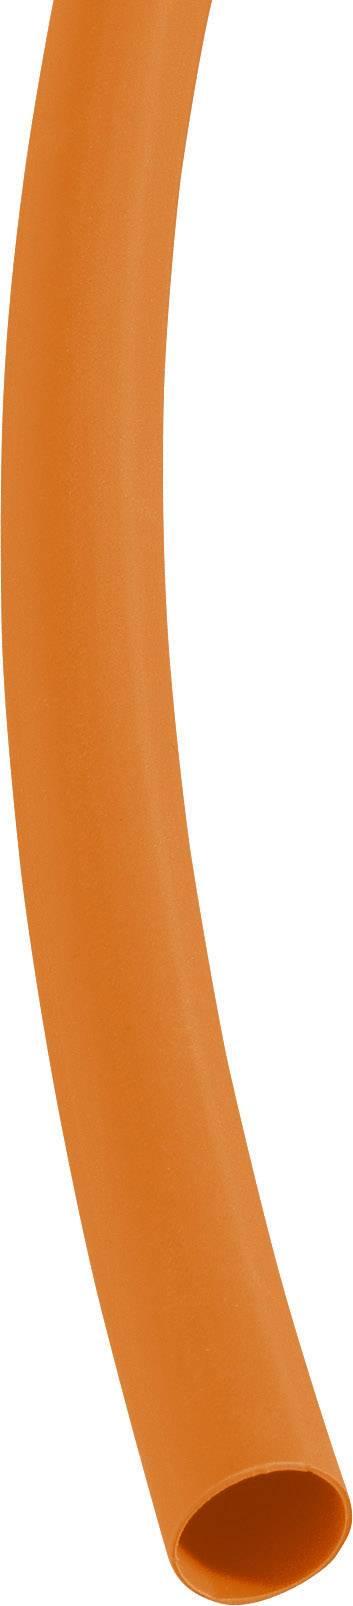 Zmršťovacie bužírky nelepiace DSG Canusa 3290120203, 3:1, 12.70 mm, oranžová, metrový tovar